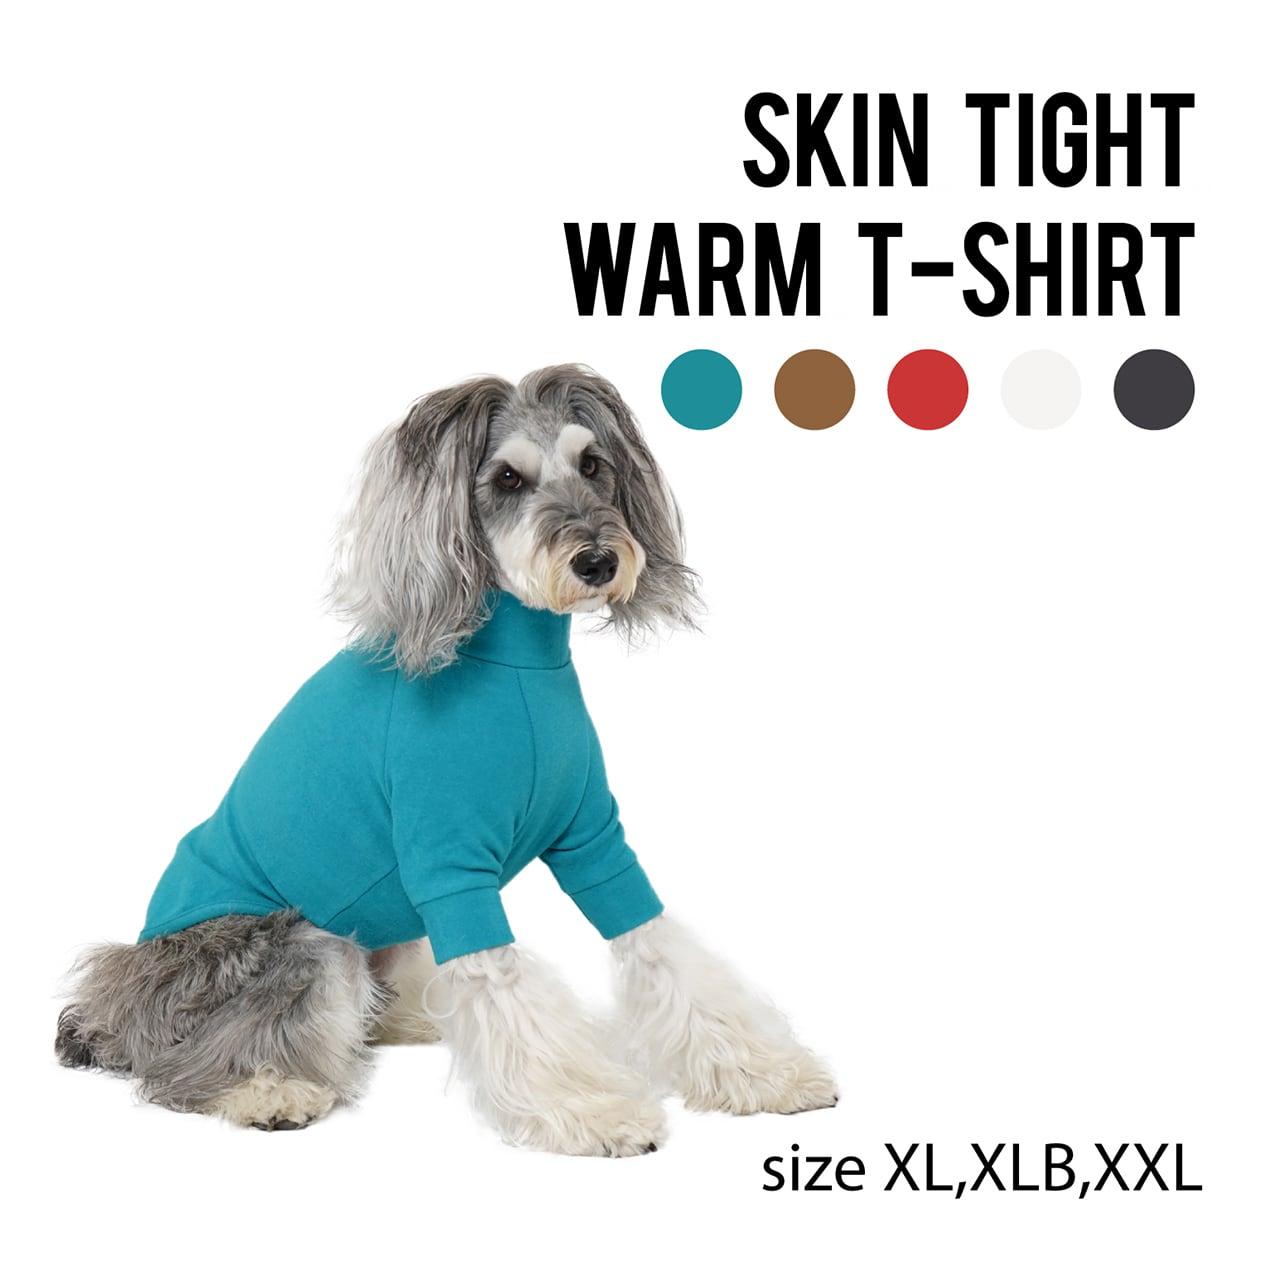 SKIN TIGHT WARM T-SHIRTS(XL・XLB・XXL)スキンタイトウォームTシャツ